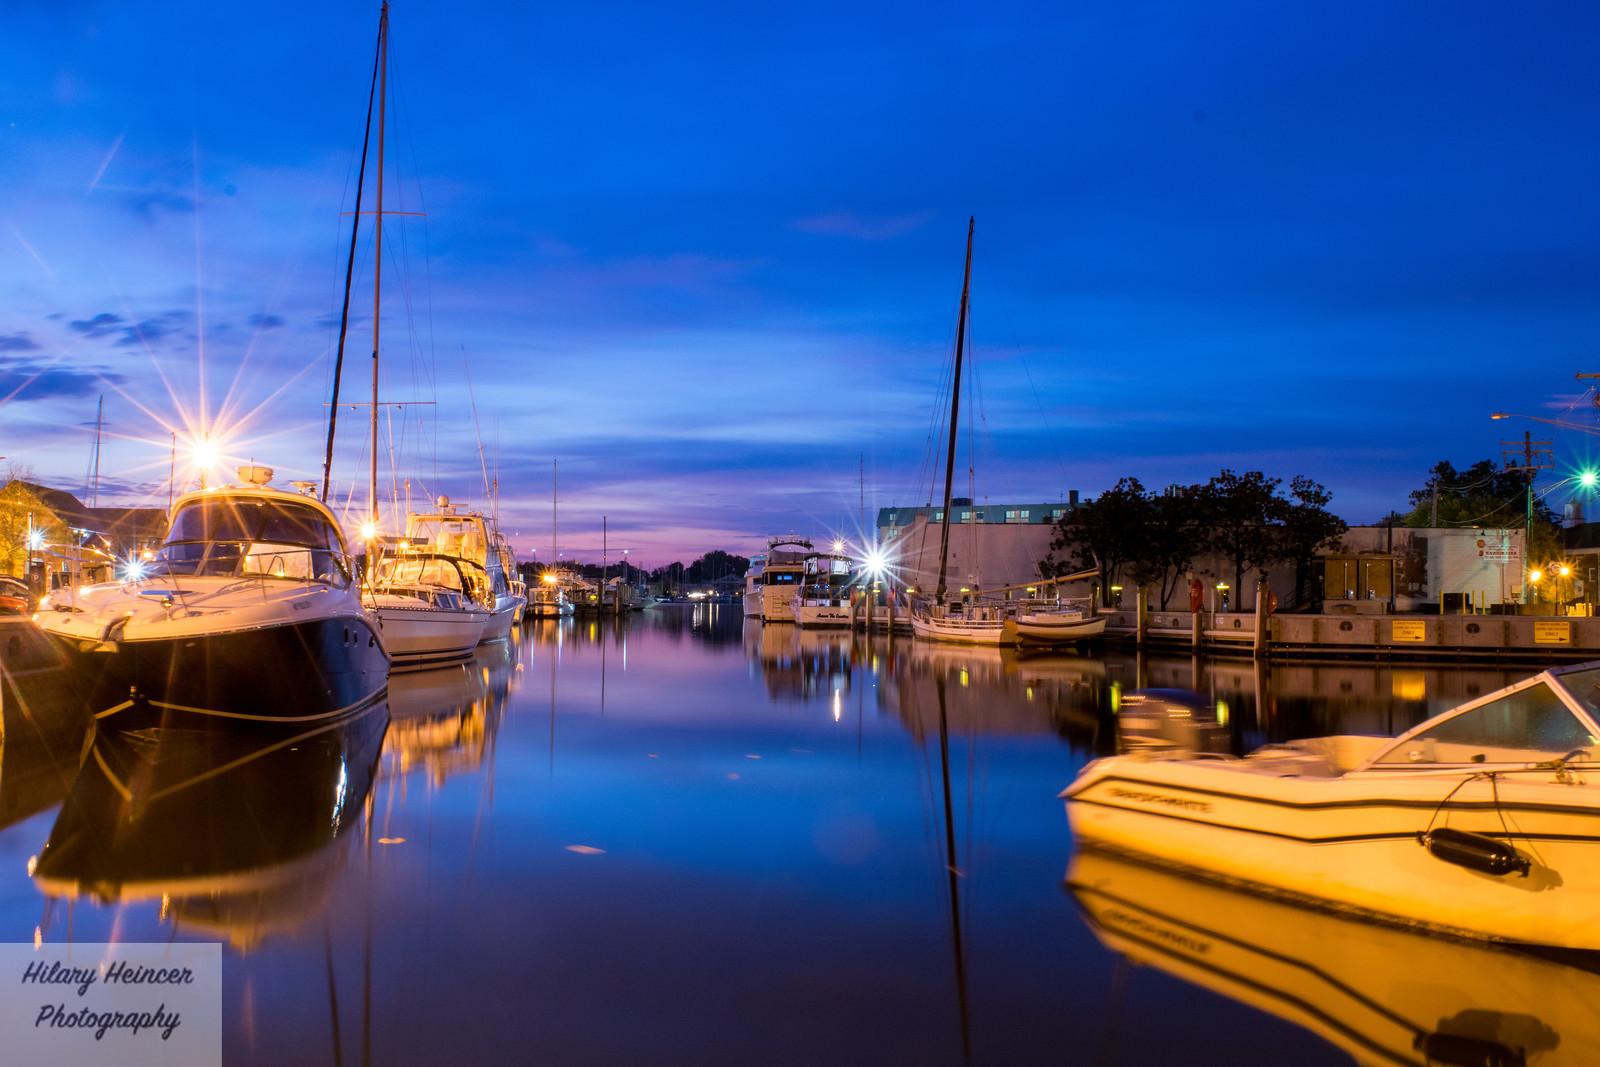 Civil Twilight in Annapolis